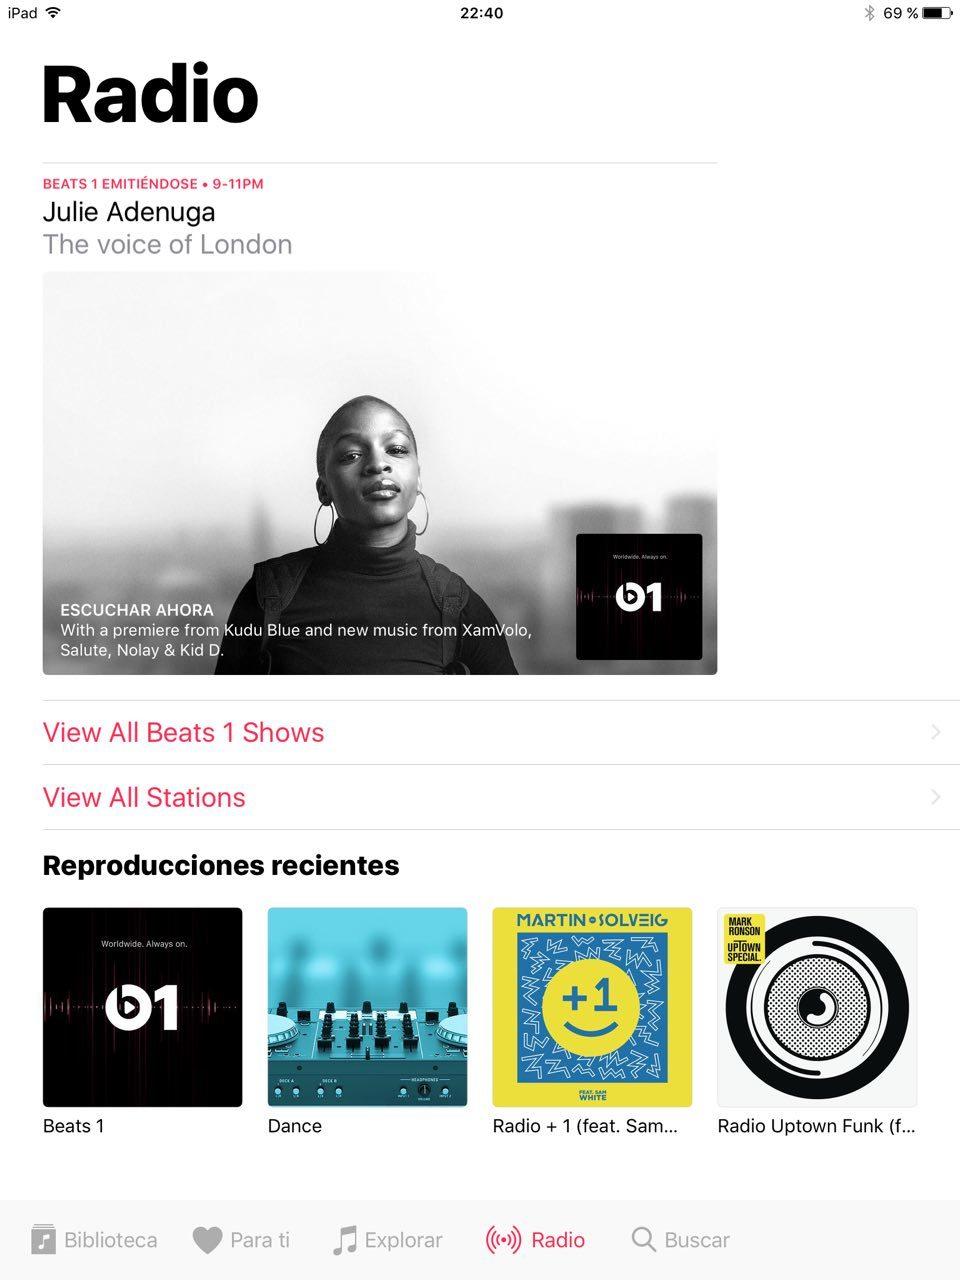 Foto de iOS 10 en iPad (18/26)